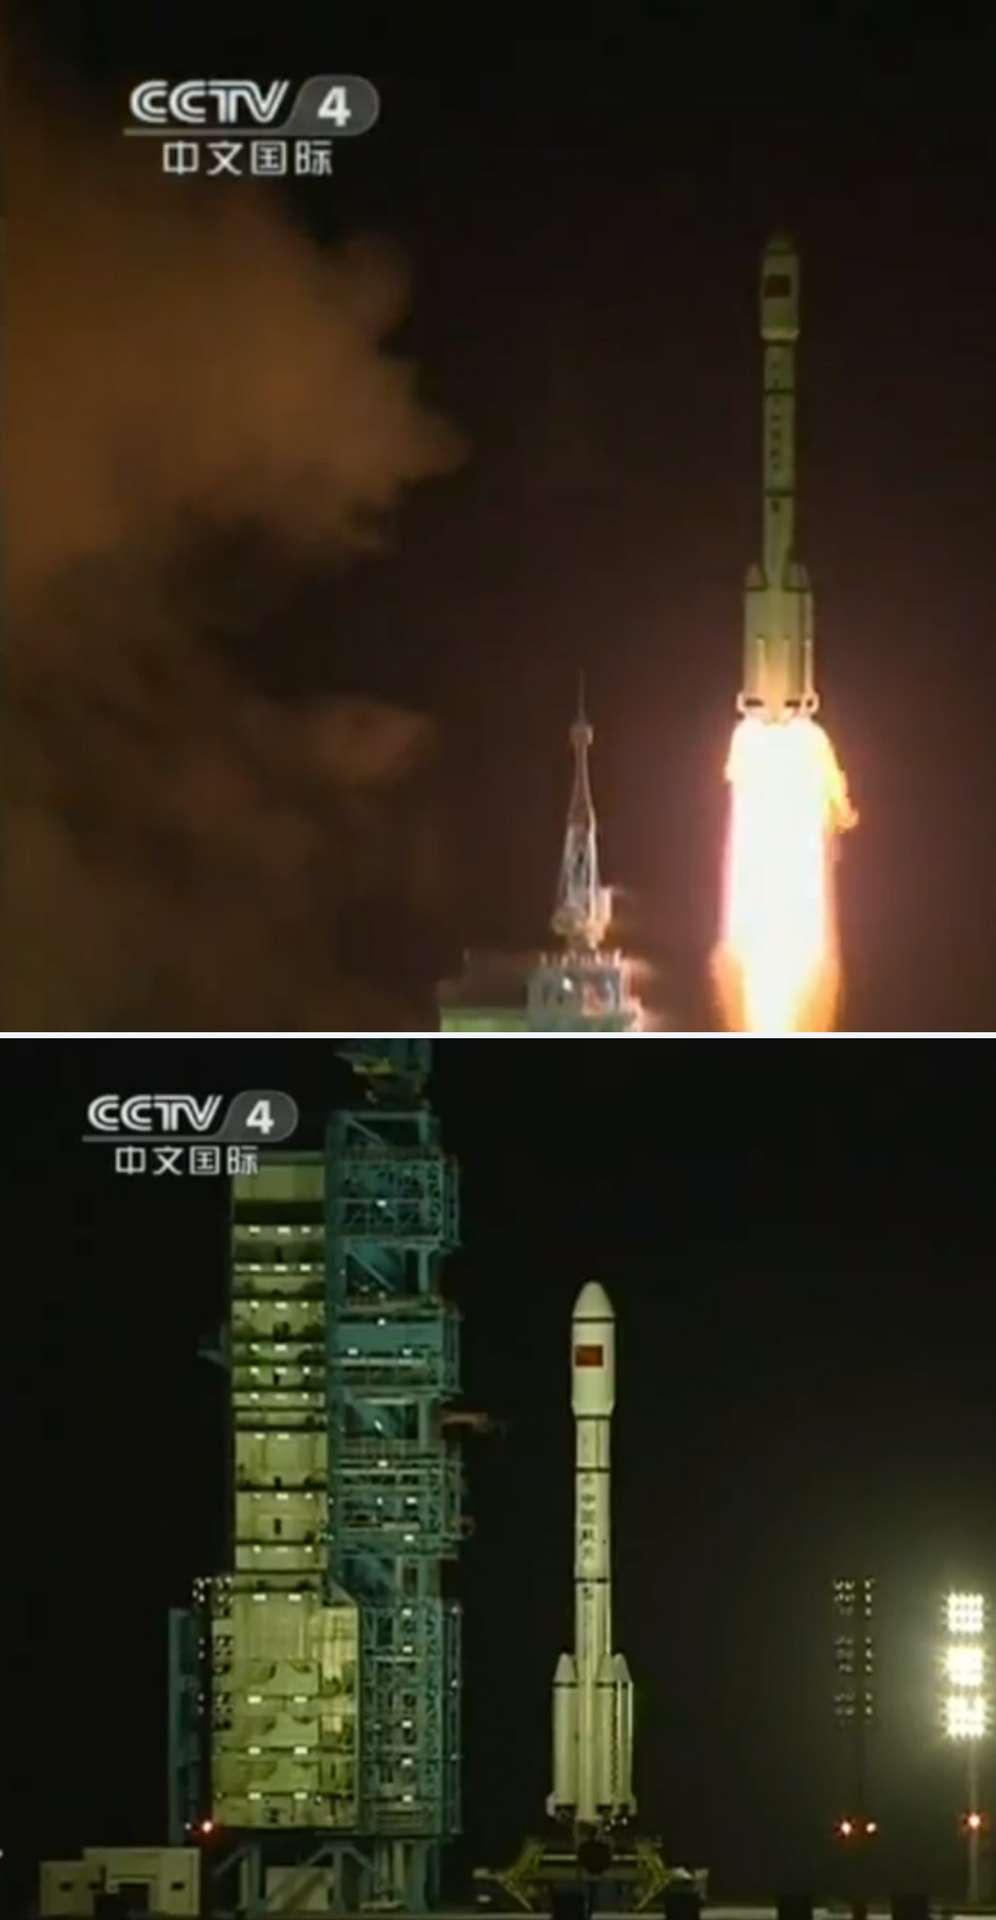 La Chine a de nouveau marqué les esprits avec le lancement réussi de son premier module orbital. Tiangong-1 a été mis en orbite par un lanceur dont c'était également le premier tir. © CCTV4 (capture d'écran)